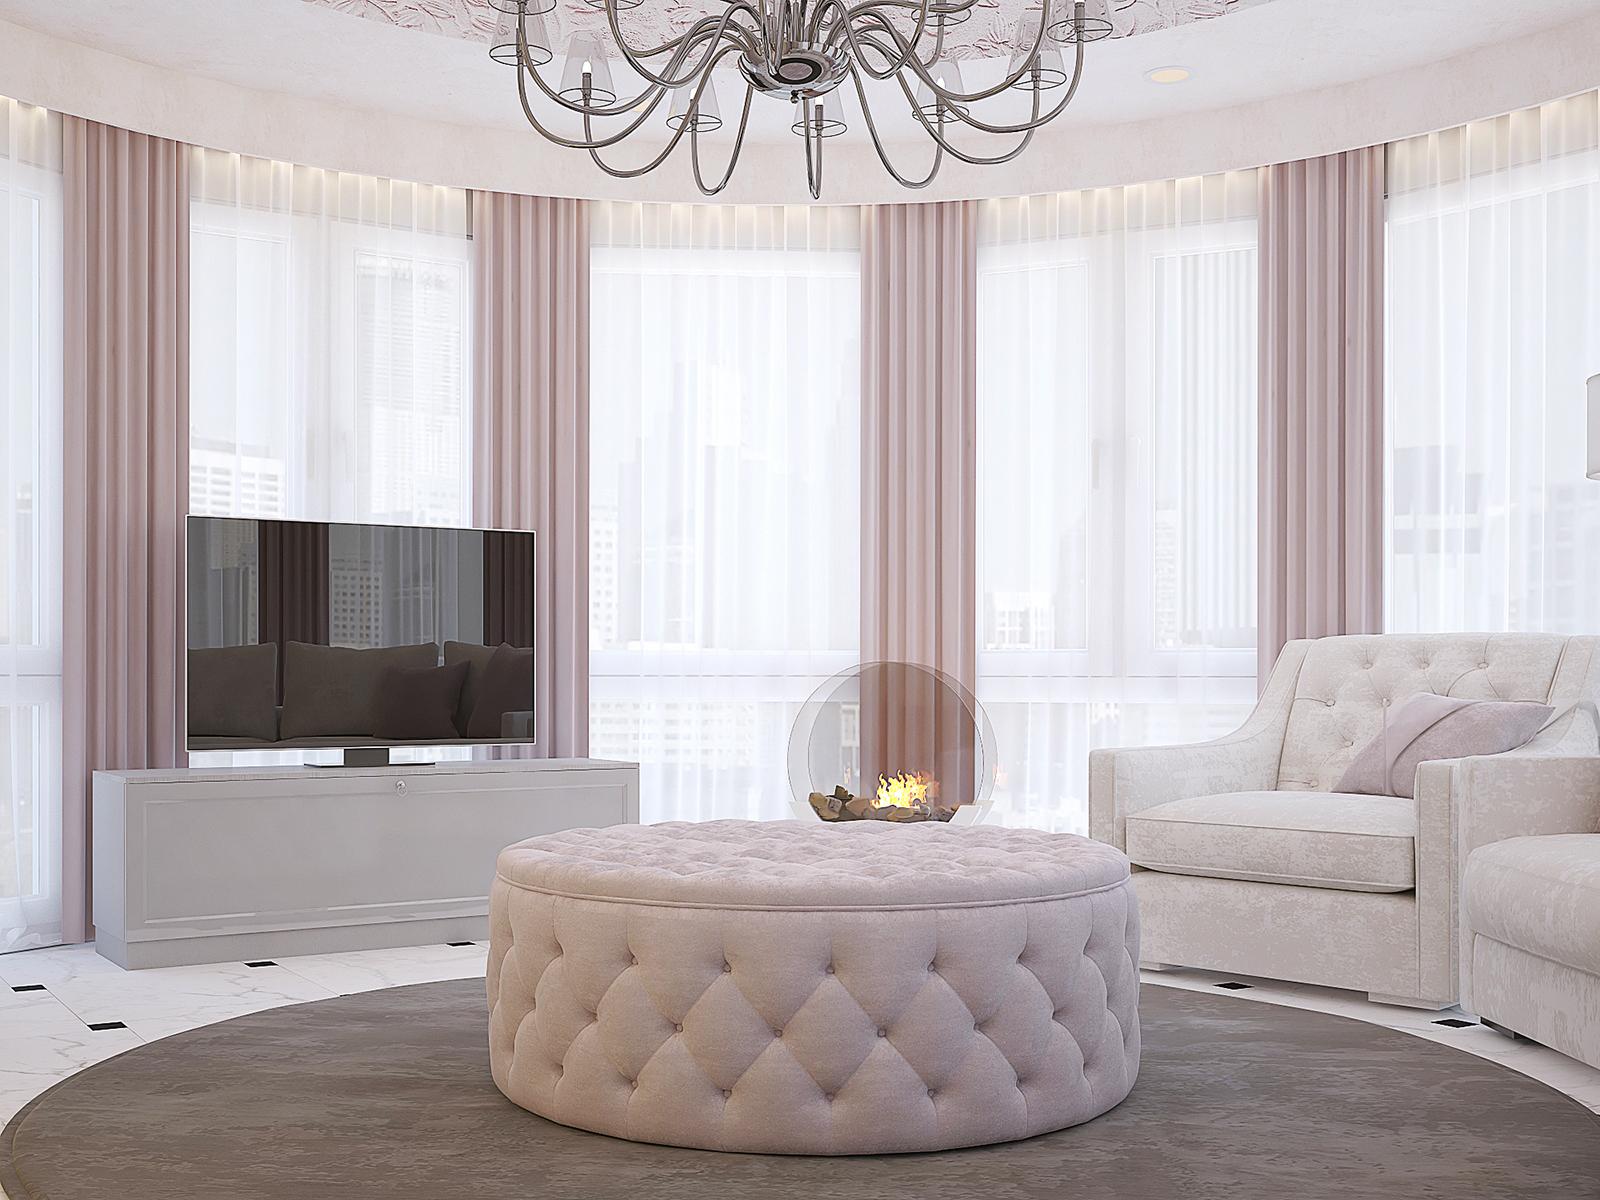 Интерьер квартиры с элементами ар-деко